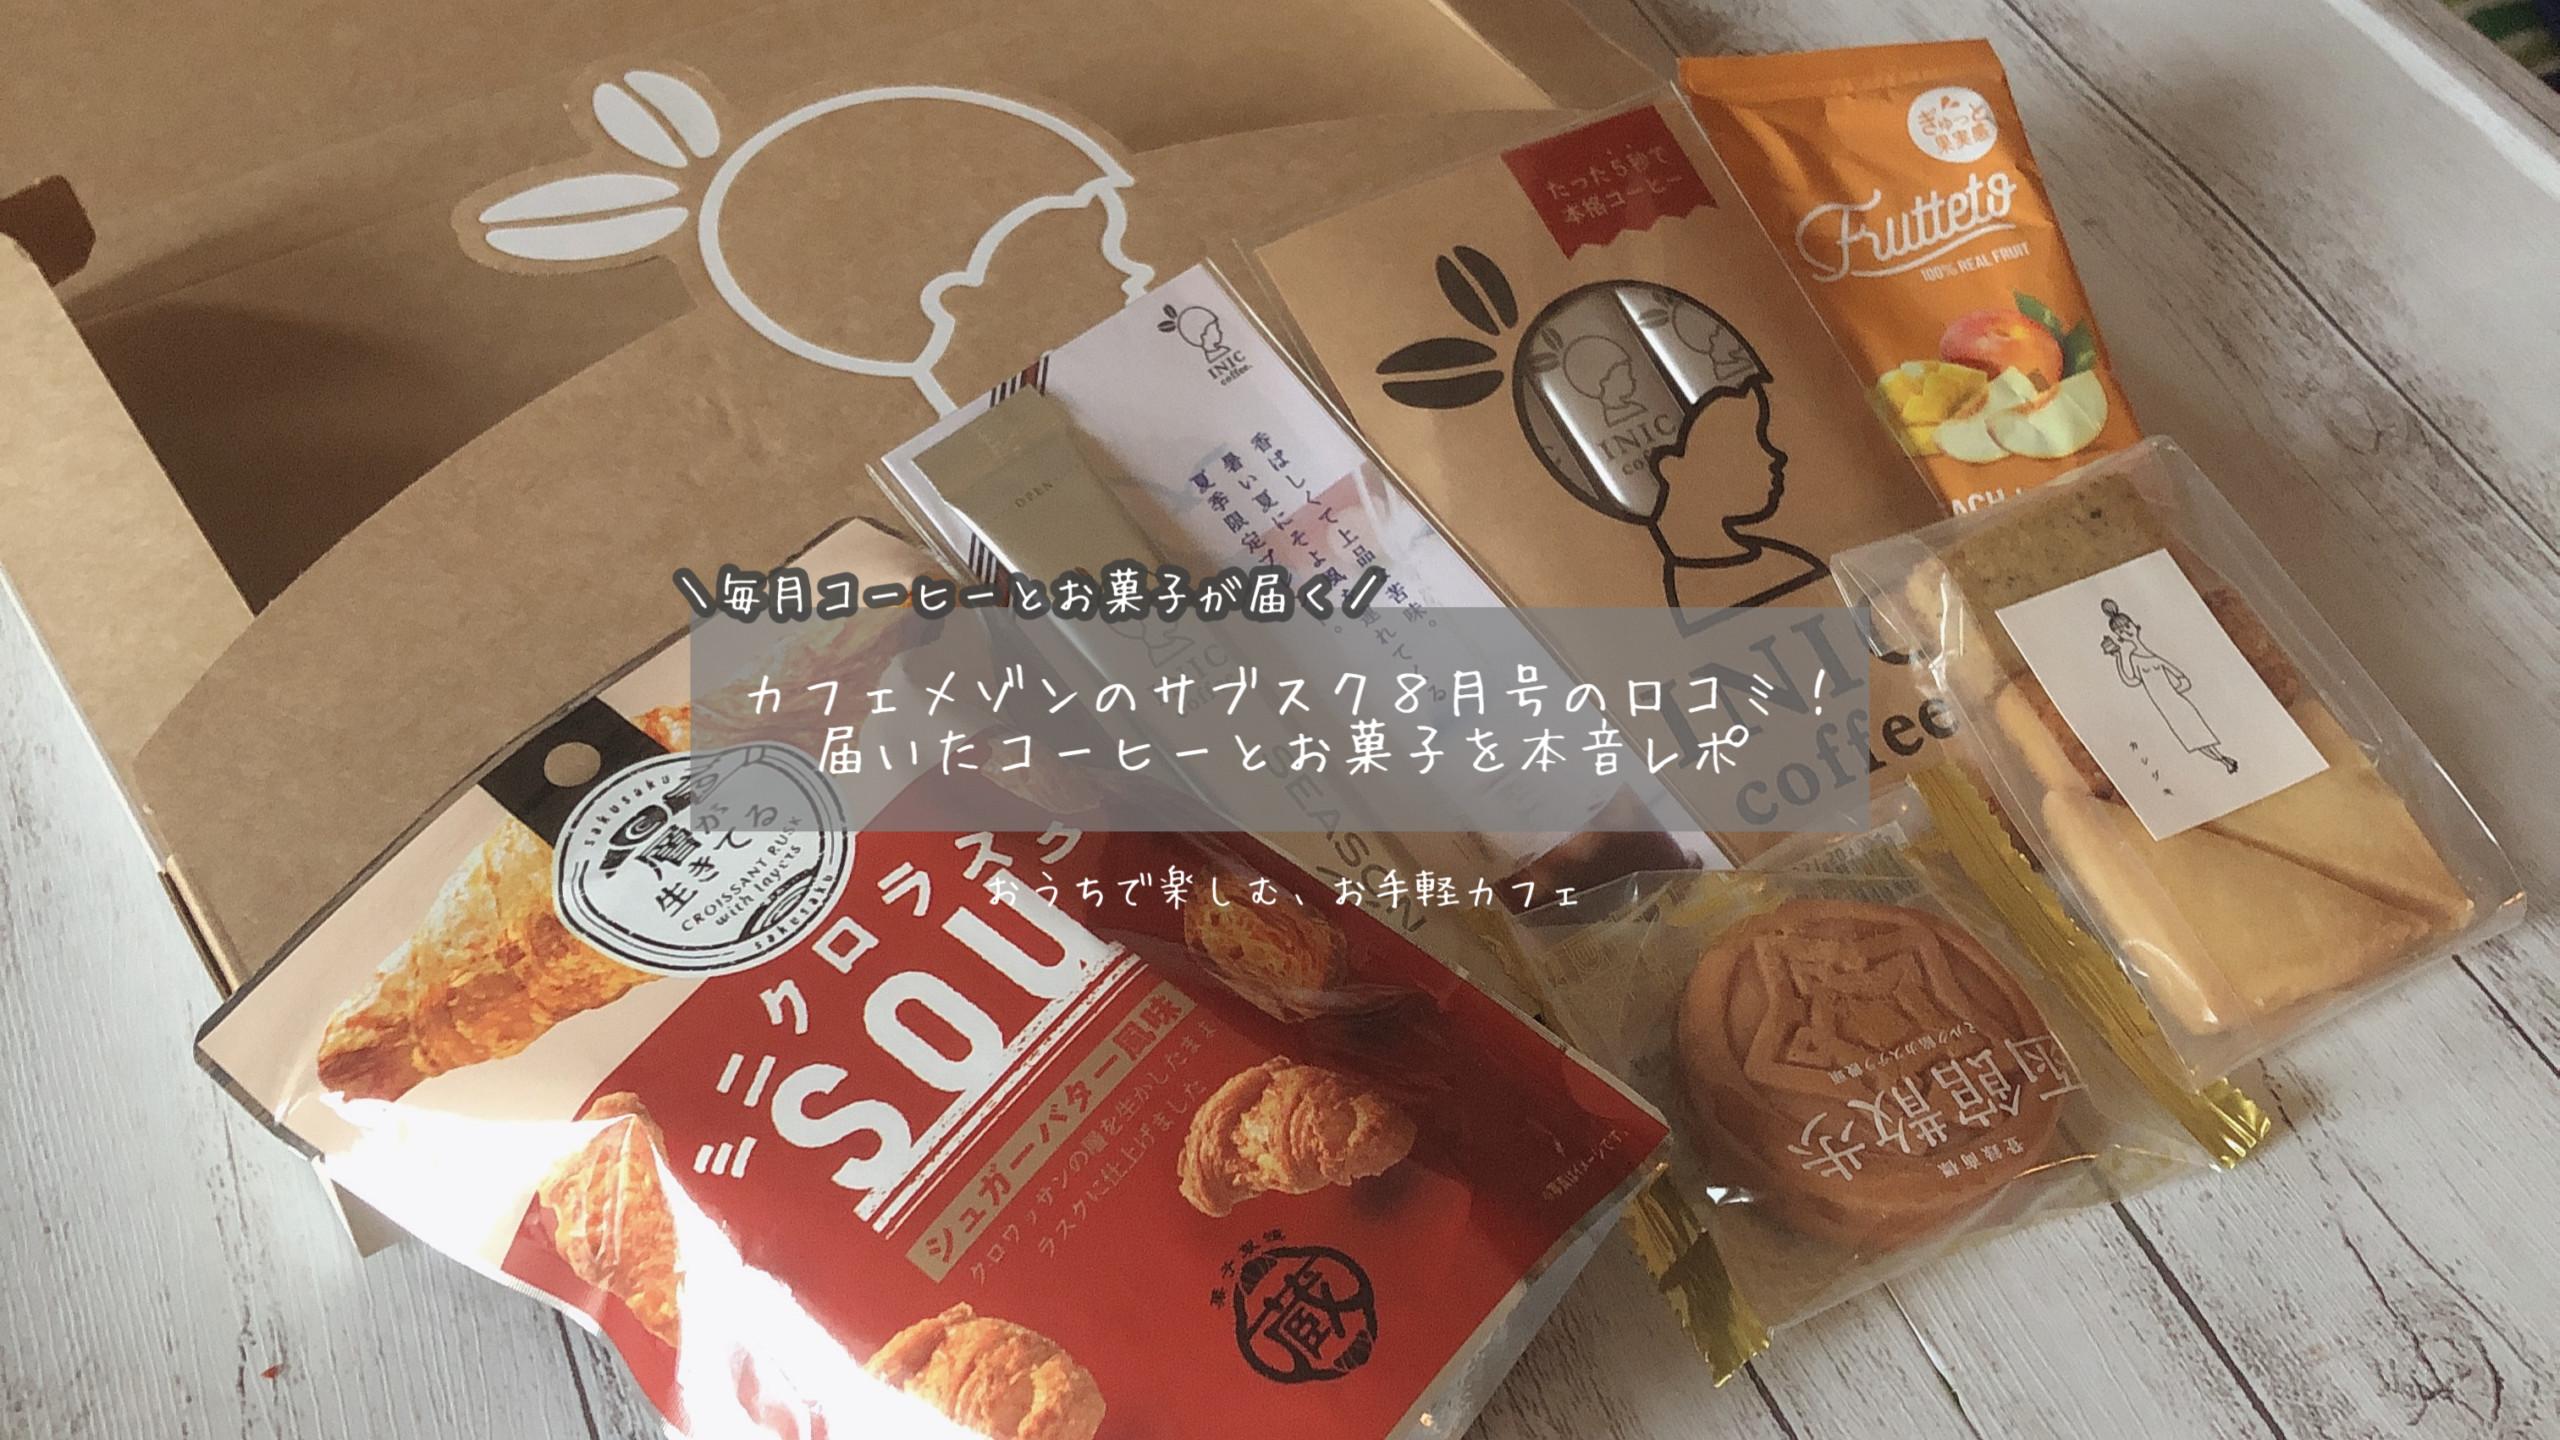 カフェメゾンのサブスク8月号の口コミ!届いたコーヒーとお菓子を本音レポ